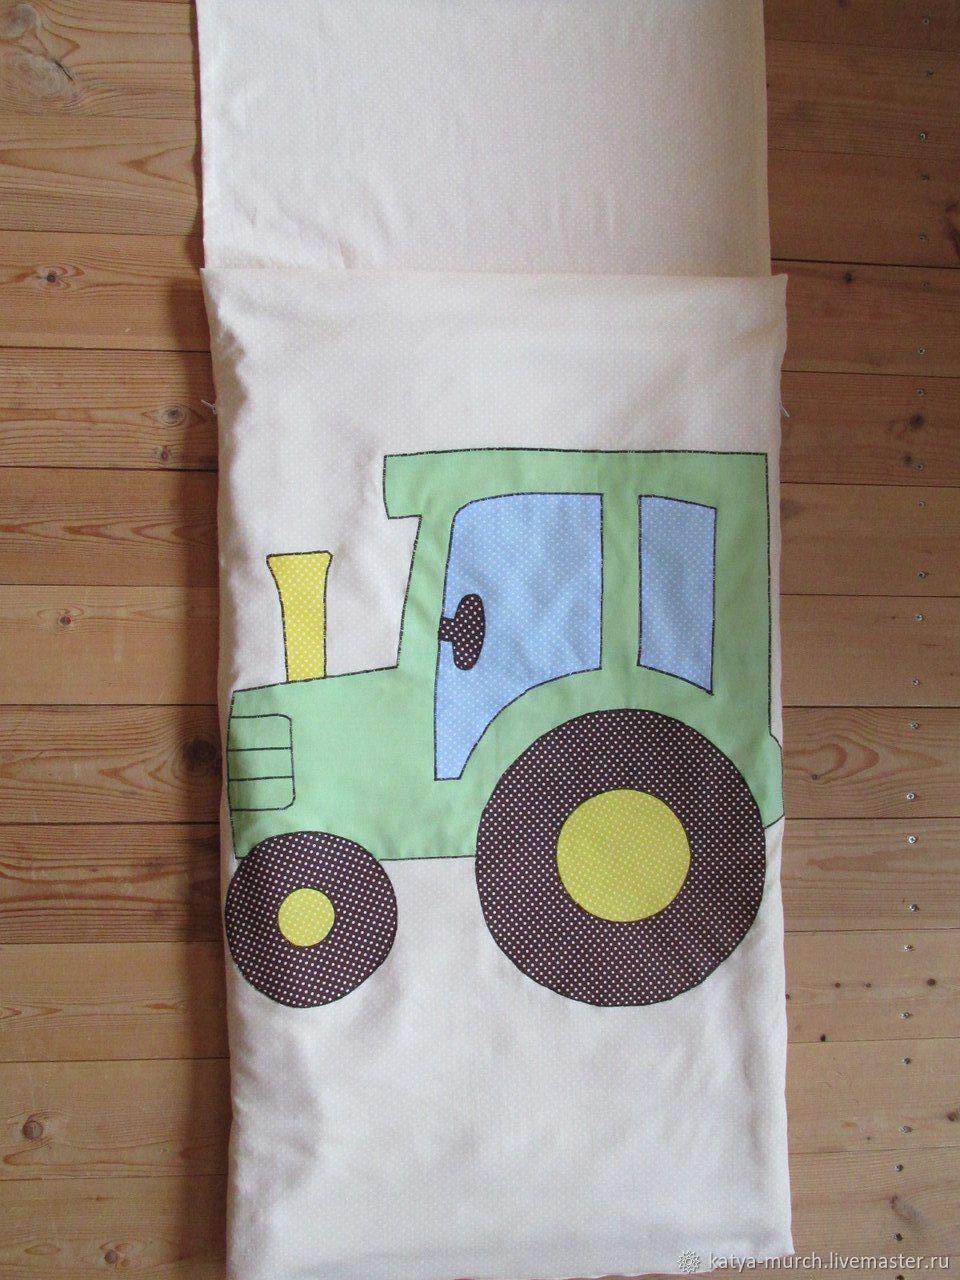 Детская ручной работы. Ярмарка Мастеров - ручная работа. Купить Детский спальник, спальный мешок. Handmade. Бежевый, спальный мешок